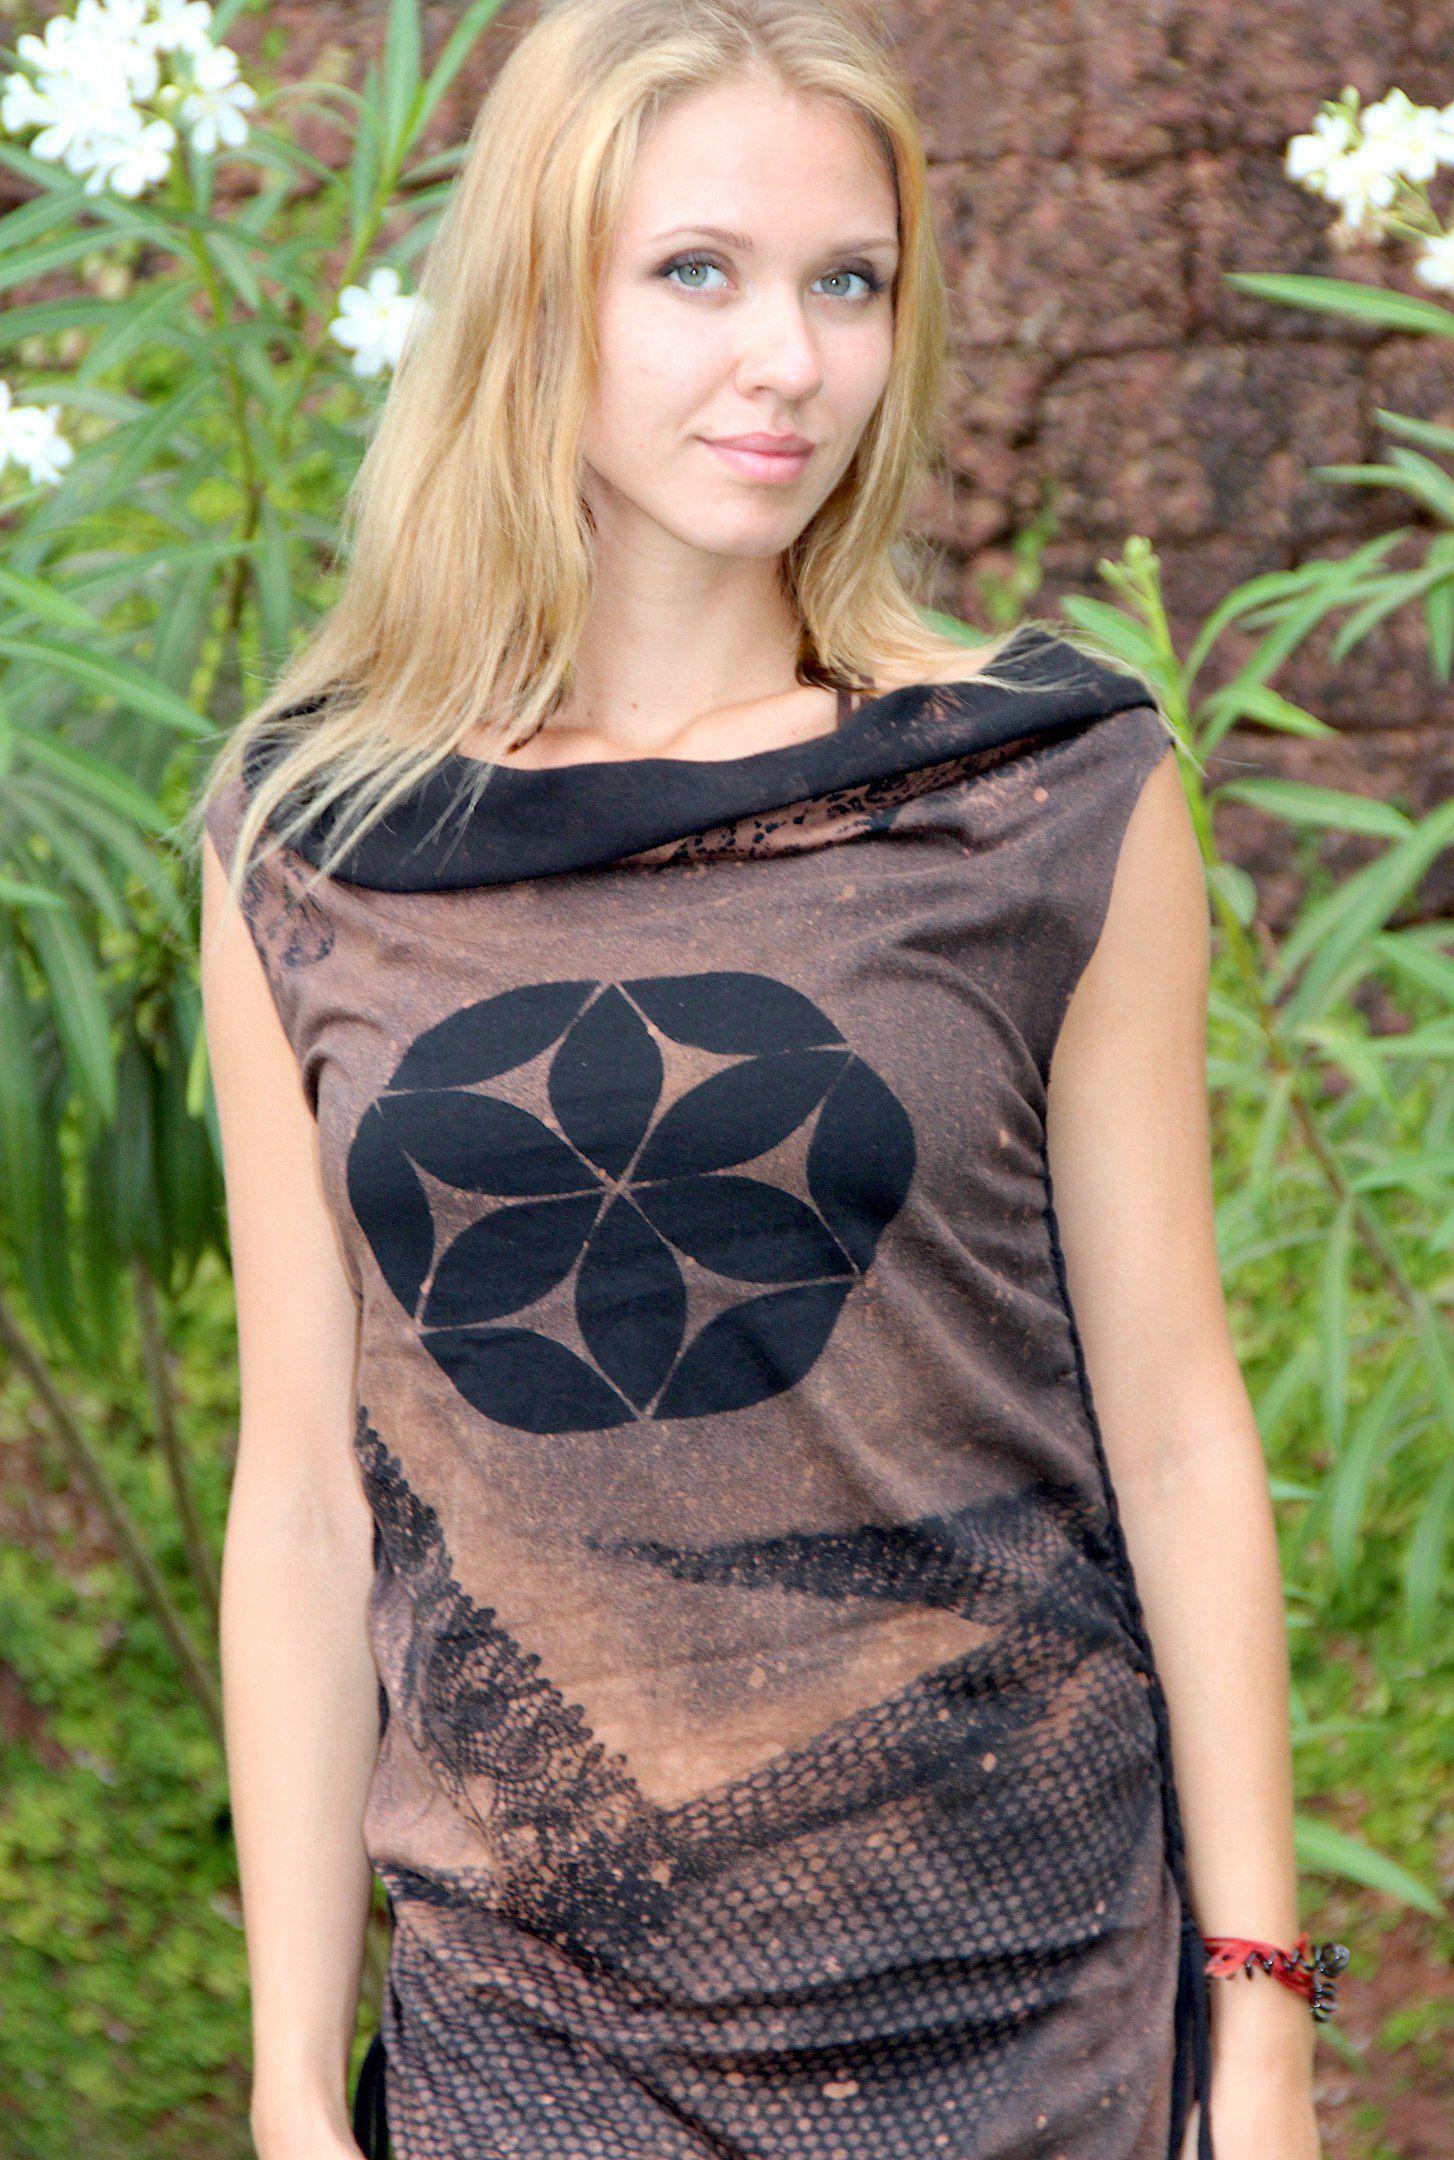 спринтом безрукава лодочка легкоеплатье коричневый купить черноеплатье москва летнееплатье красивоеплатье черный туника платье натуральное хомут сарафан принт